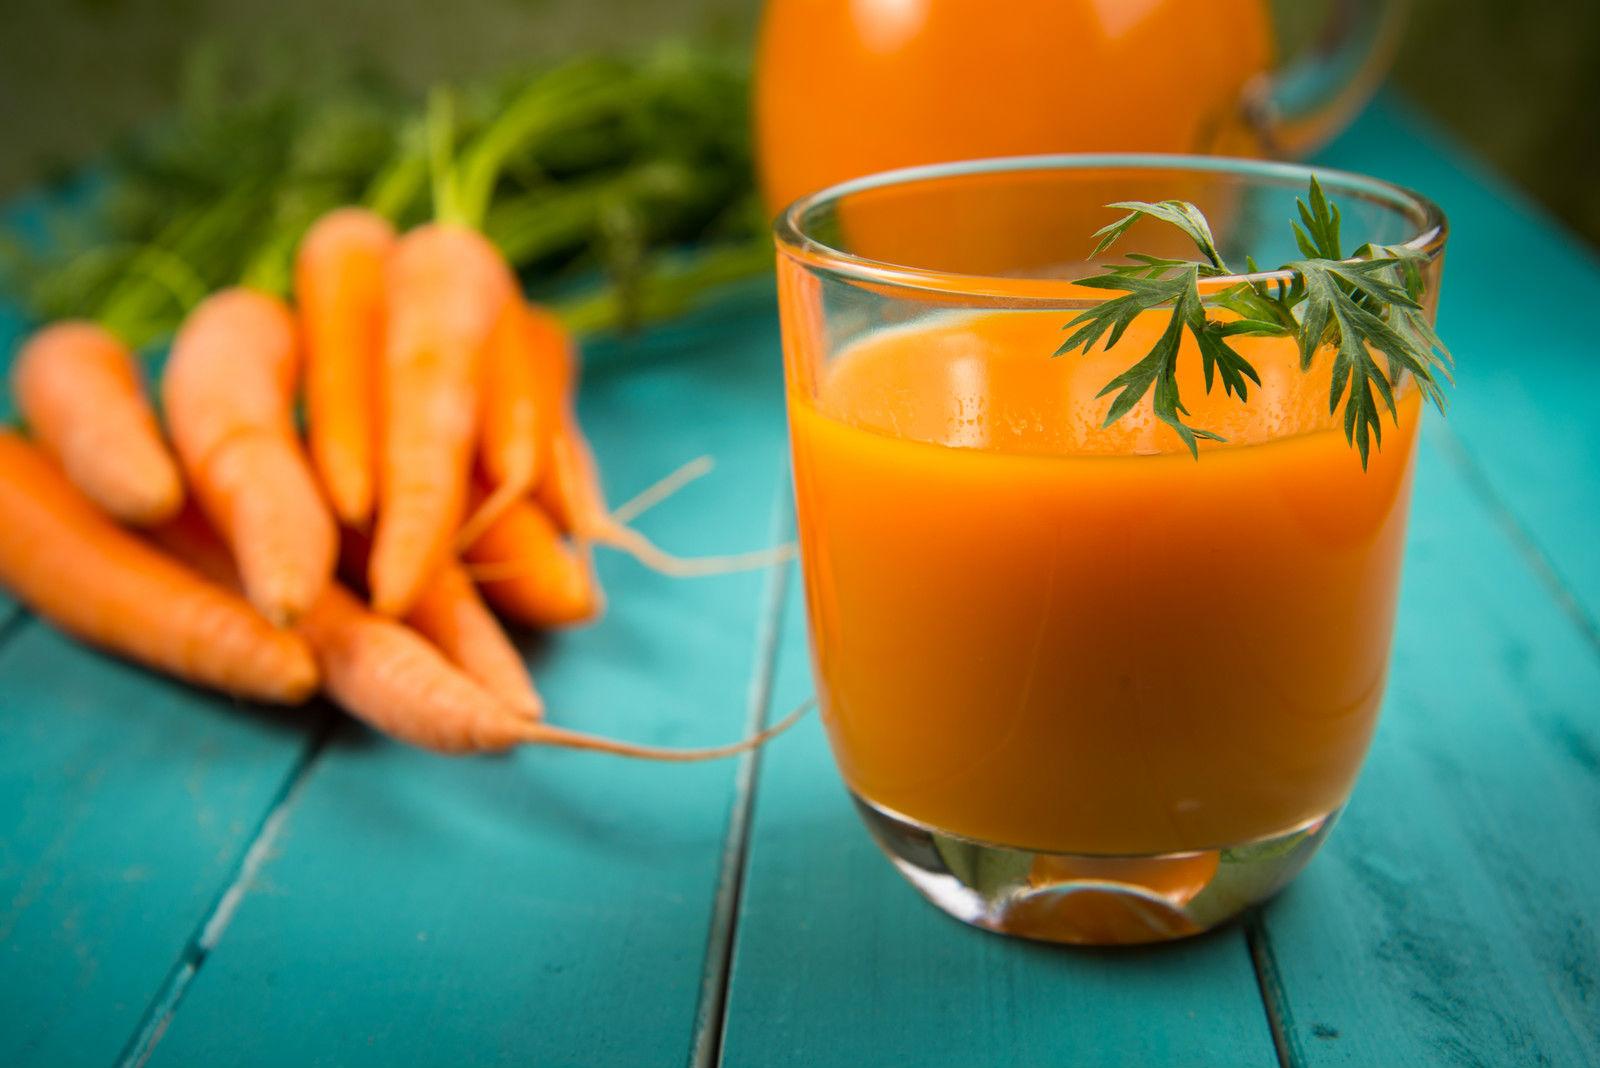 Mitos Los Beneficios De La Zanahoria Blog De Dia Las zanahorias son una gran fuente de fibras alimentarias. mitos los beneficios de la zanahoria